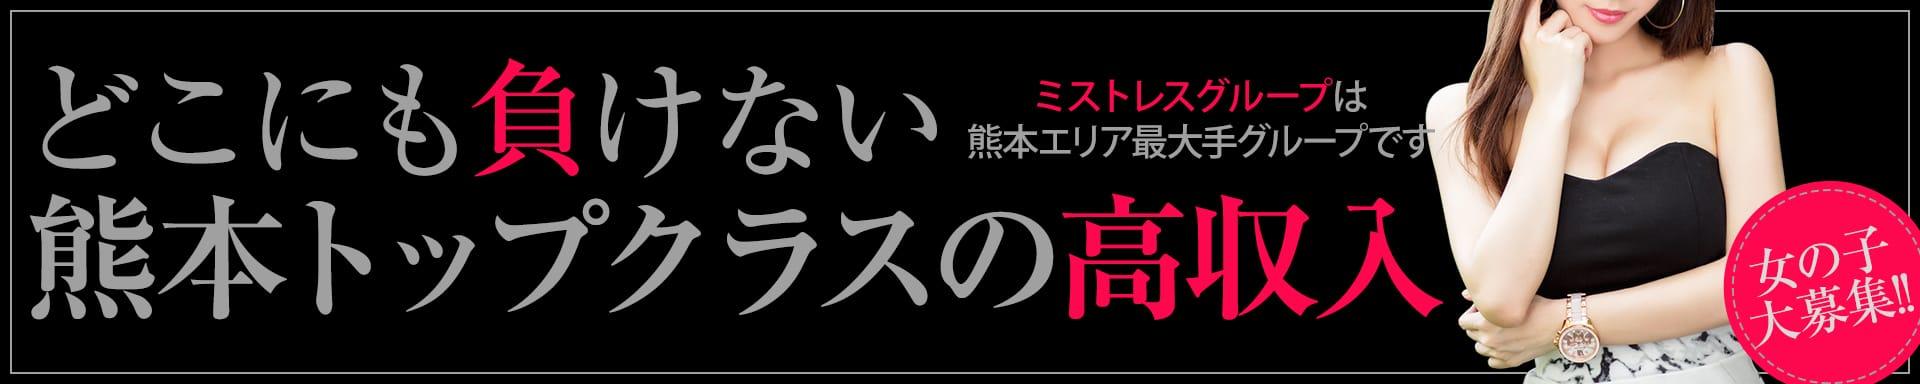 熊本デリヘル ミストレスグループ その2